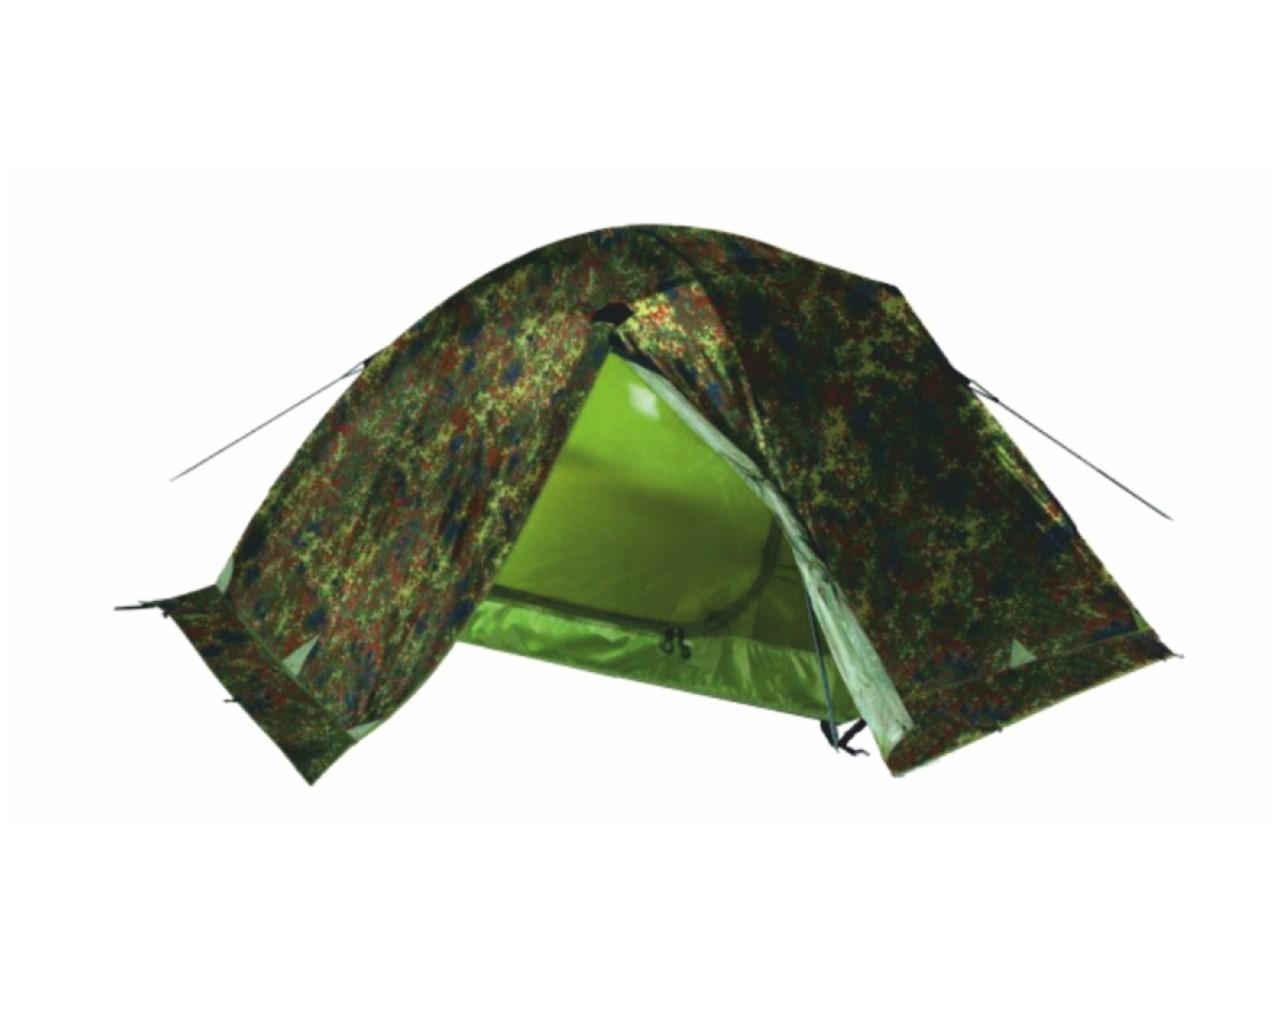 Палатка Talberg Forest Pro 2Двухслойная палатка камуфляжного цвета с алюминиевыми дугами. Тент: Polyester RipStop 190T/80D 5000  мм. Дно: Polyester 195T/80D  7000 мм. Внутренняя палатка: дышащий Polyester. Юбка: Polyester. Дуги: Alu7001 8,5 мм.  Количество входов: 2. Количество мест: 2. Вес: 3,0 кг. Размеры внутренней палатки: 120 x 210 x 95 см. Размеры габаритные: 240 x 215 x 110 см. Сезонность: весна-лето-осень-зима<br><br>Вес кг: 3.00000000